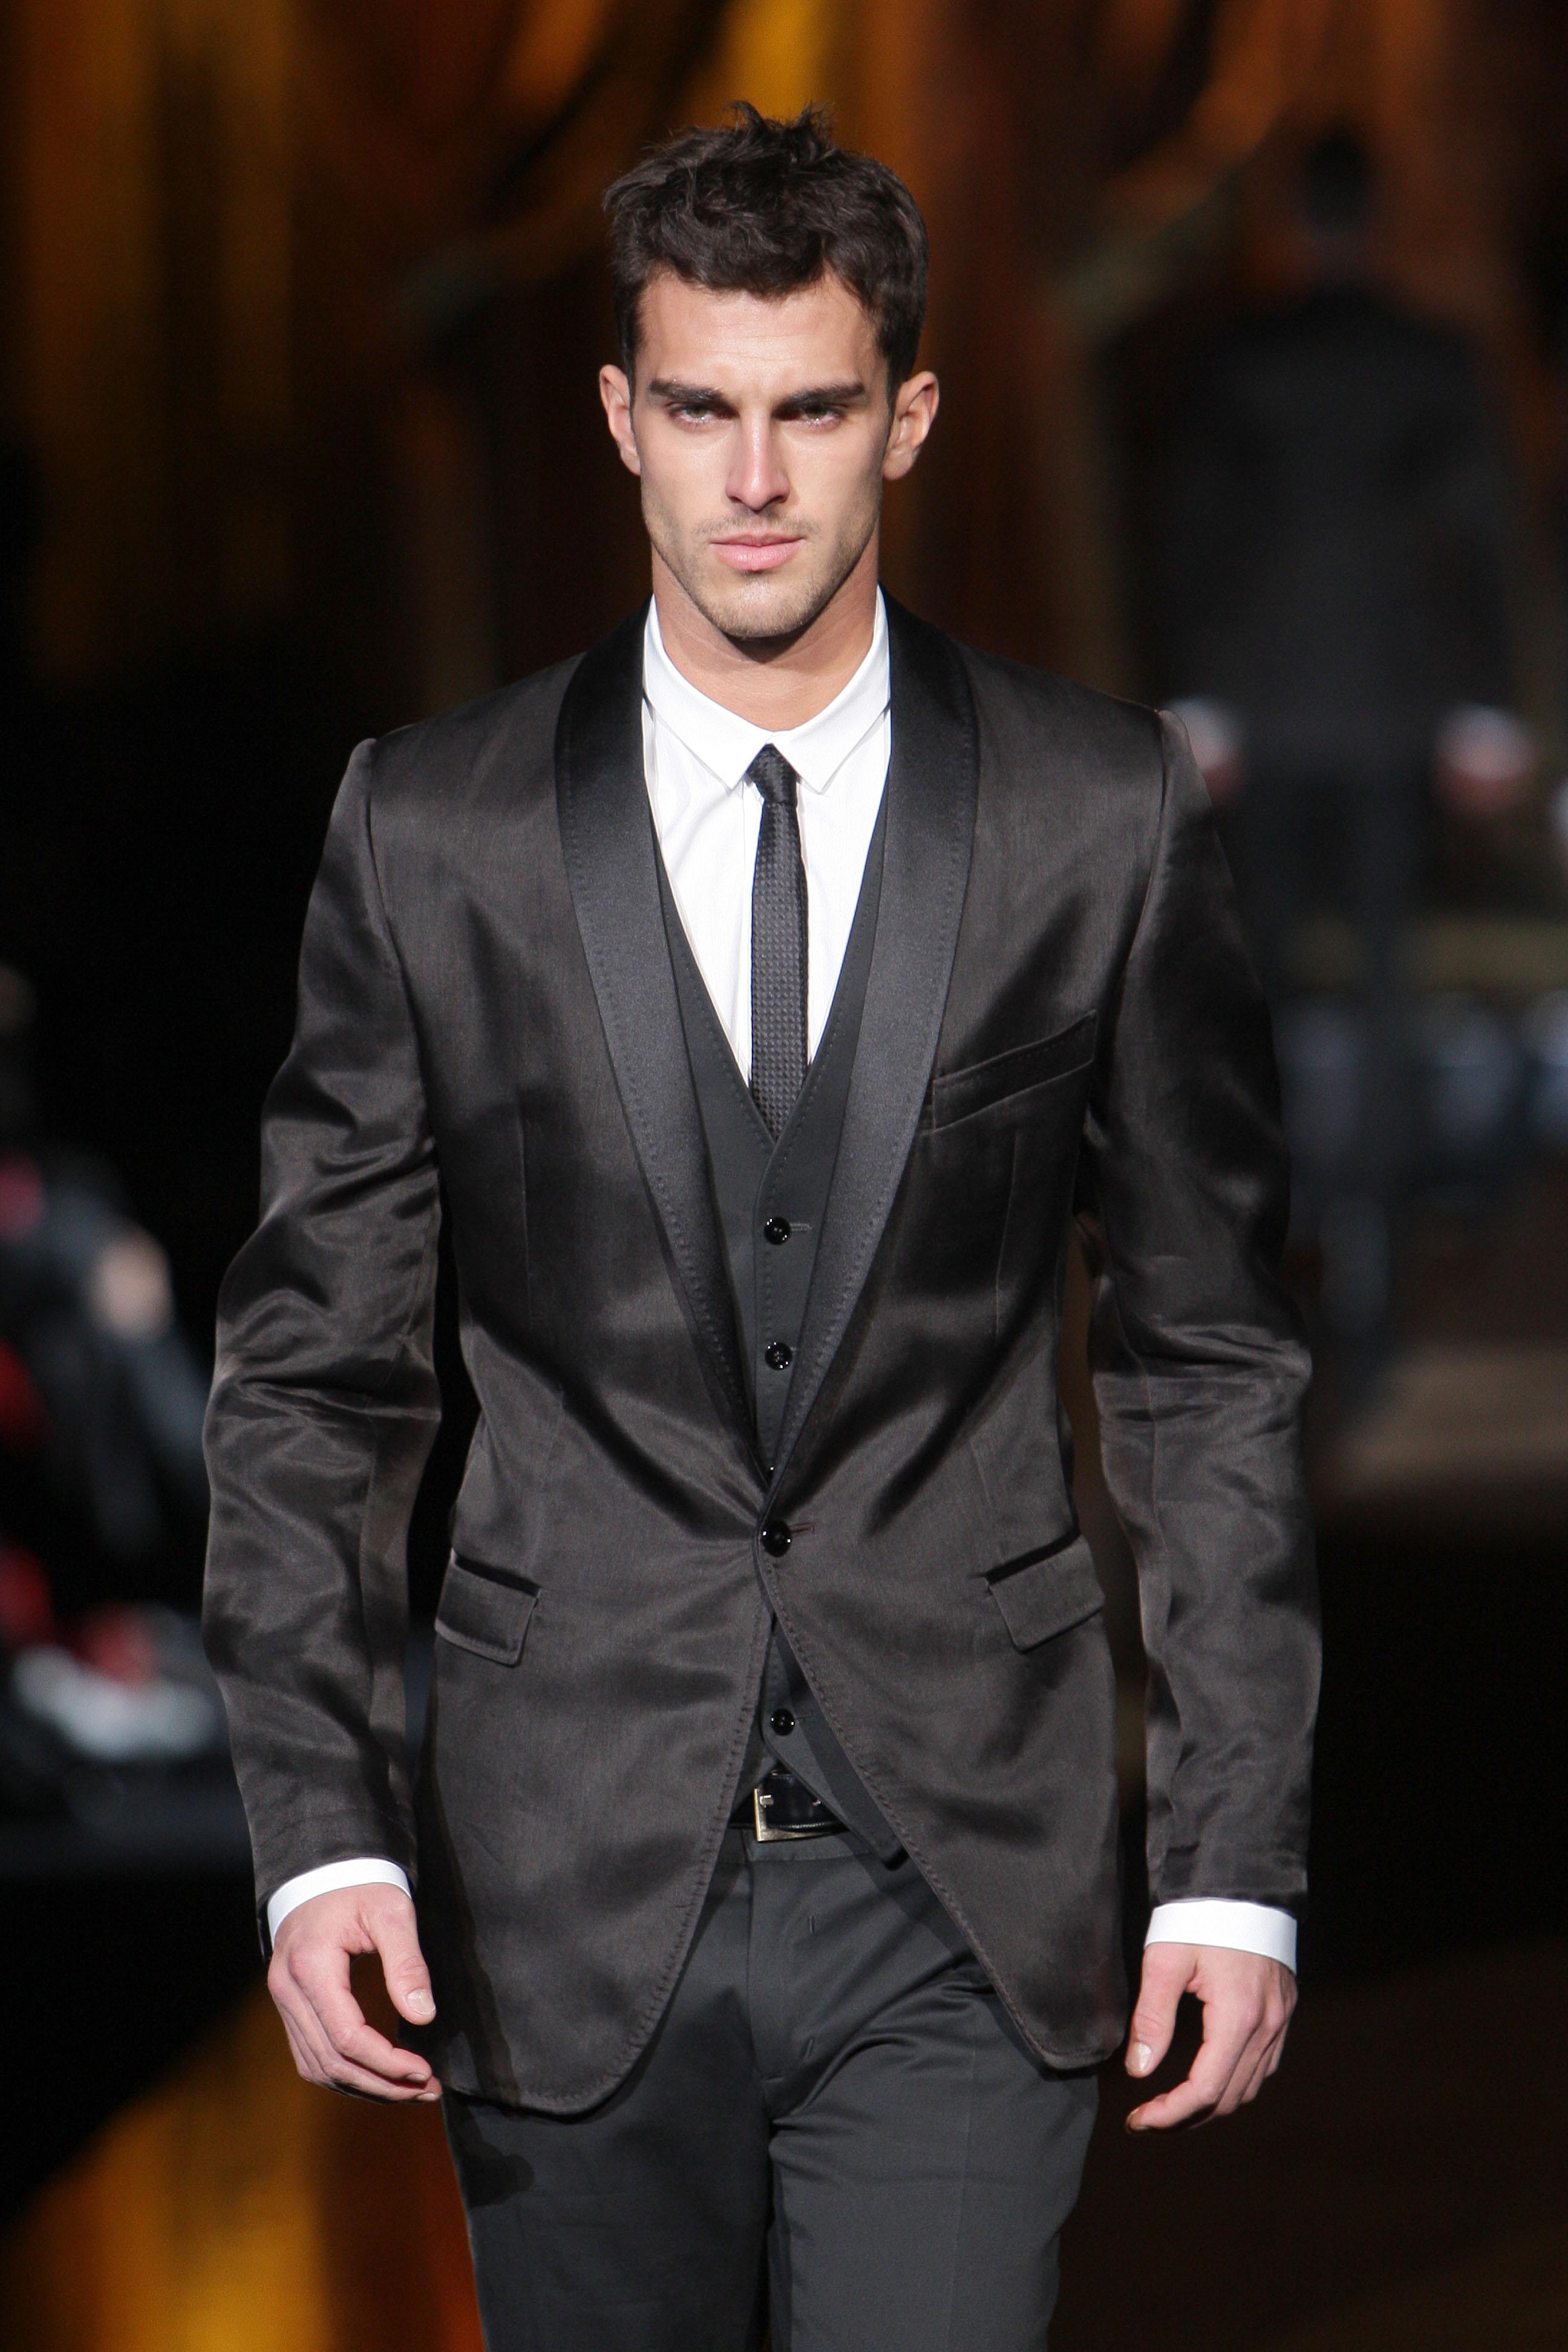 suit and tie wallpaper